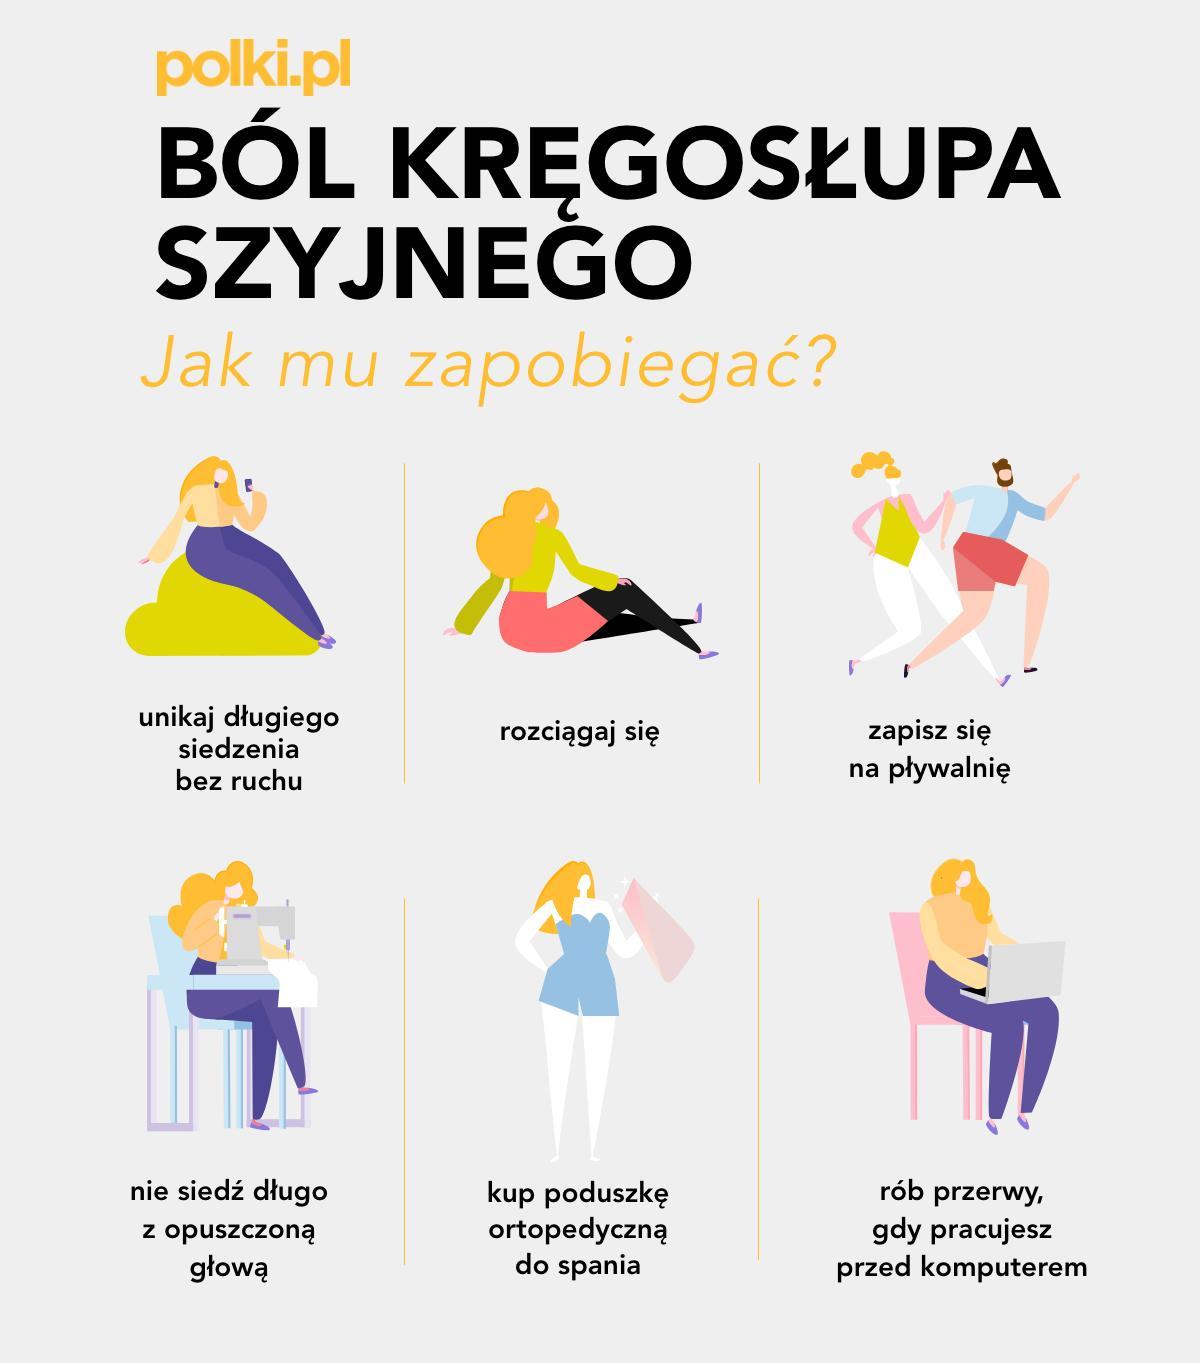 ból kręgosłupa szyjnego - zapobieganie